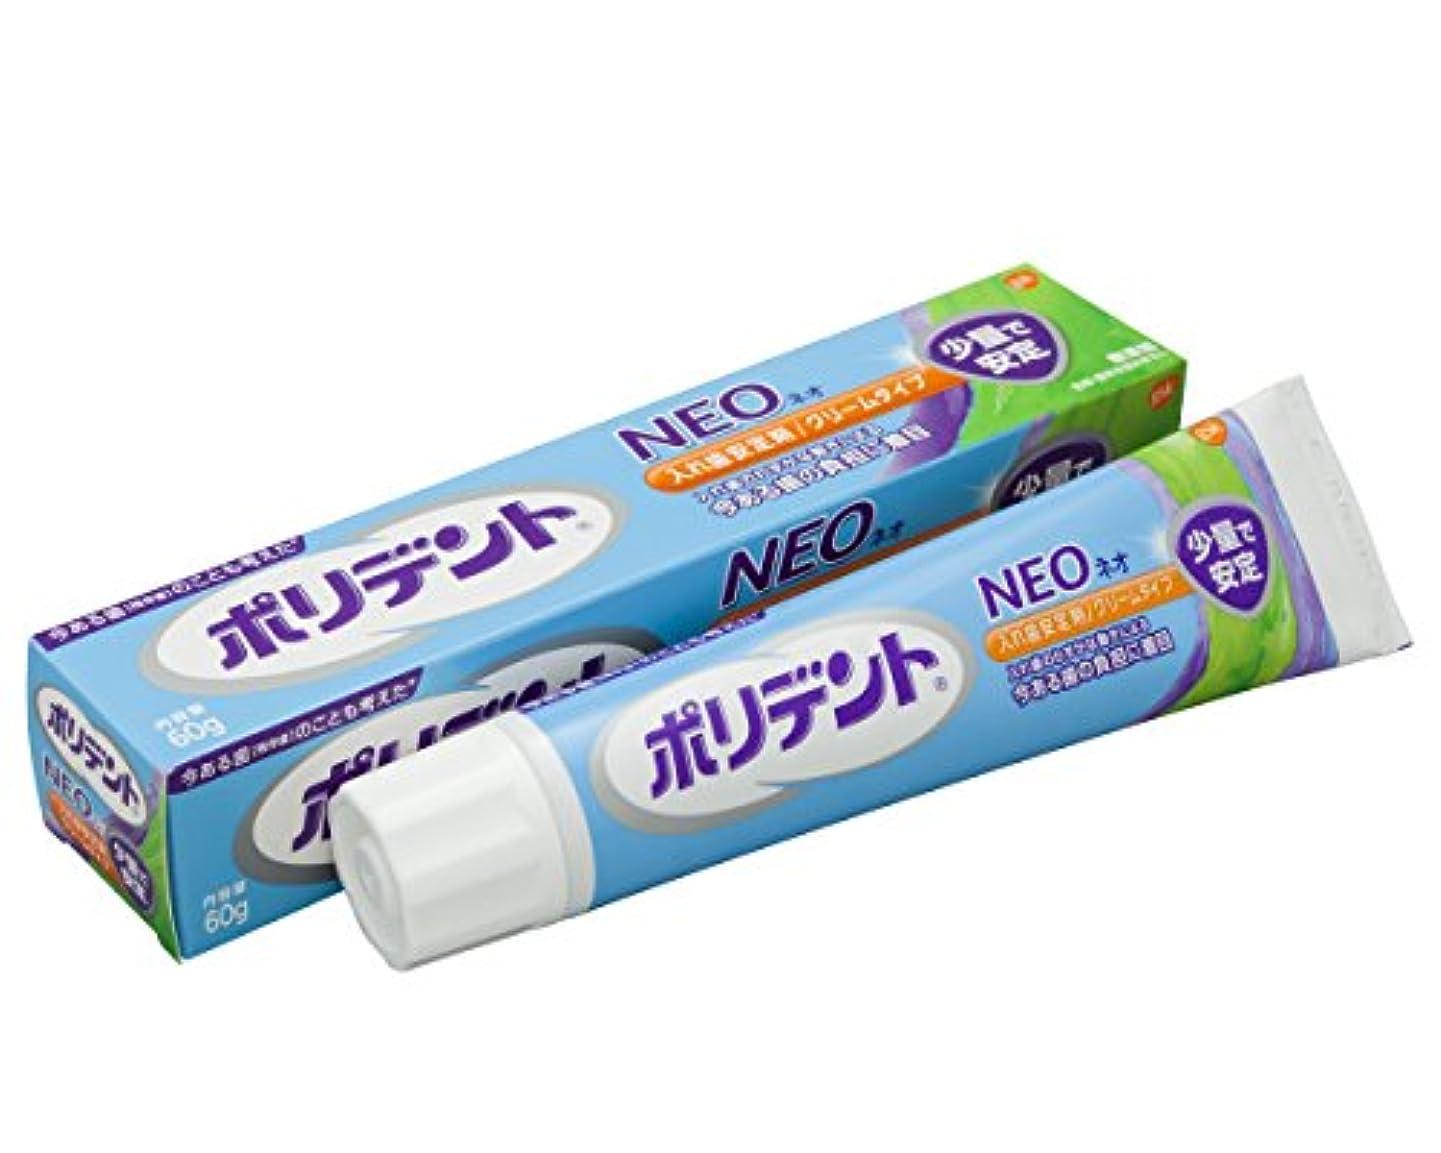 後世牛肉シュガーポリデントNEO 入れ歯安定剤(今ある歯(残存歯)のことも考えた) 60g